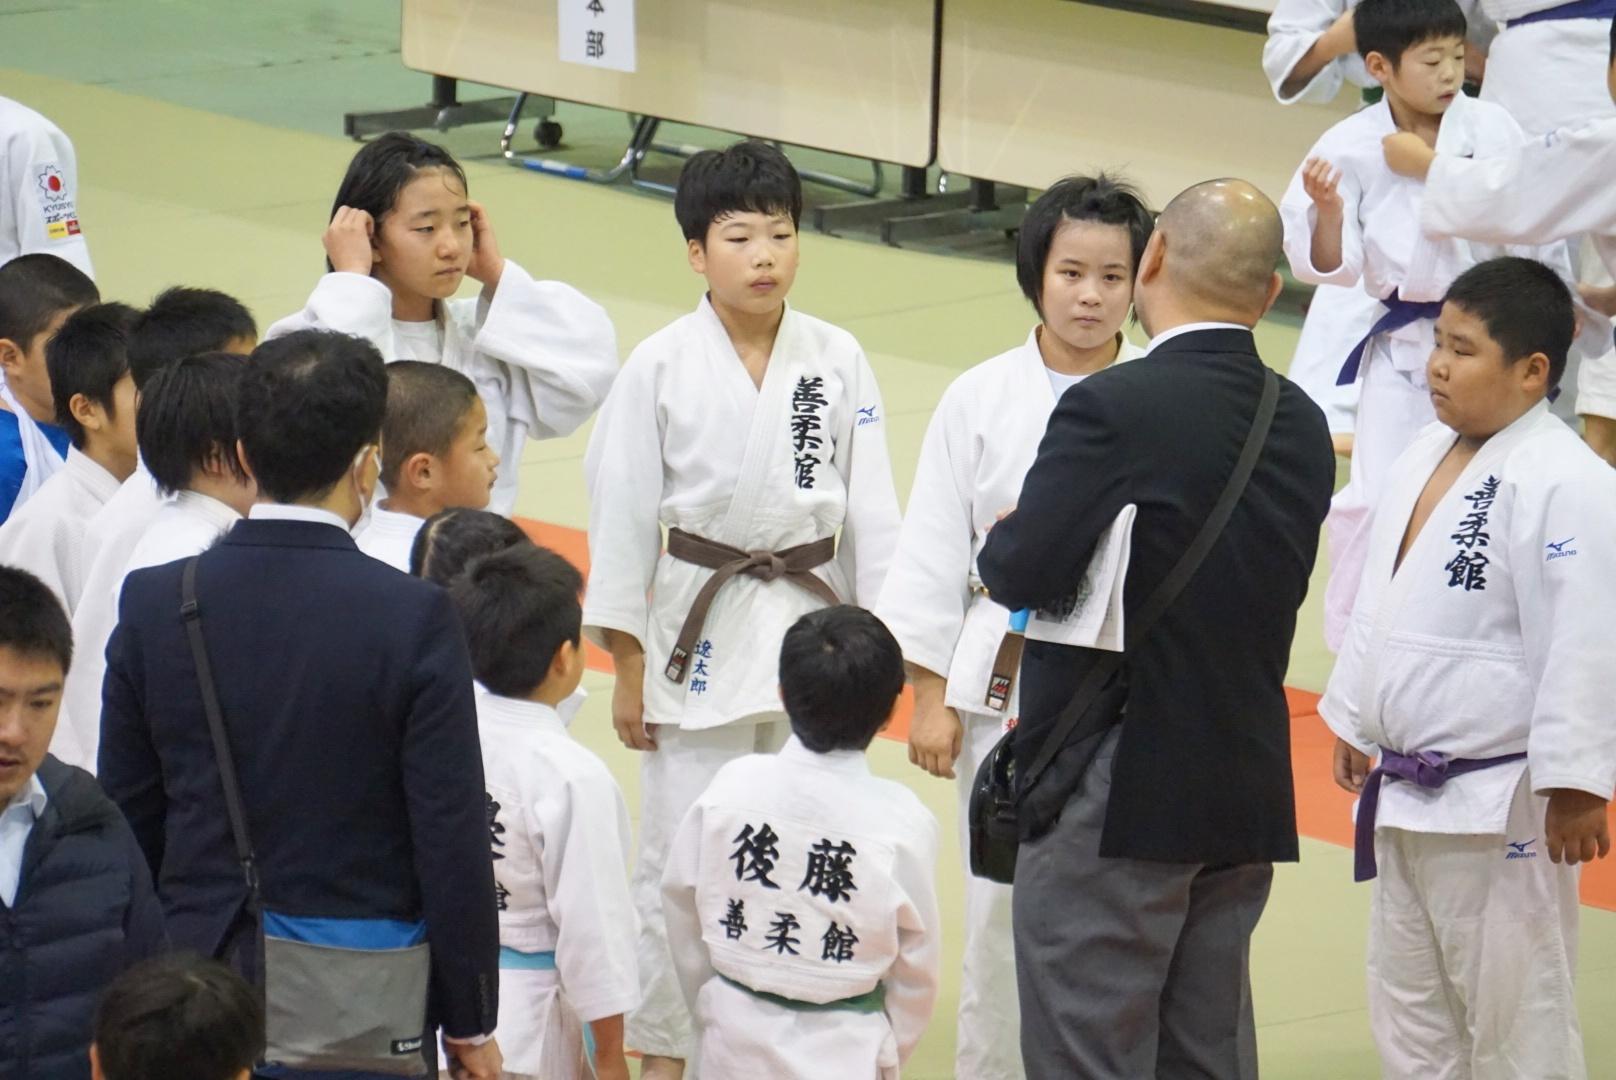 2019 山小屋杯柔道大会_b0172494_20092616.jpg